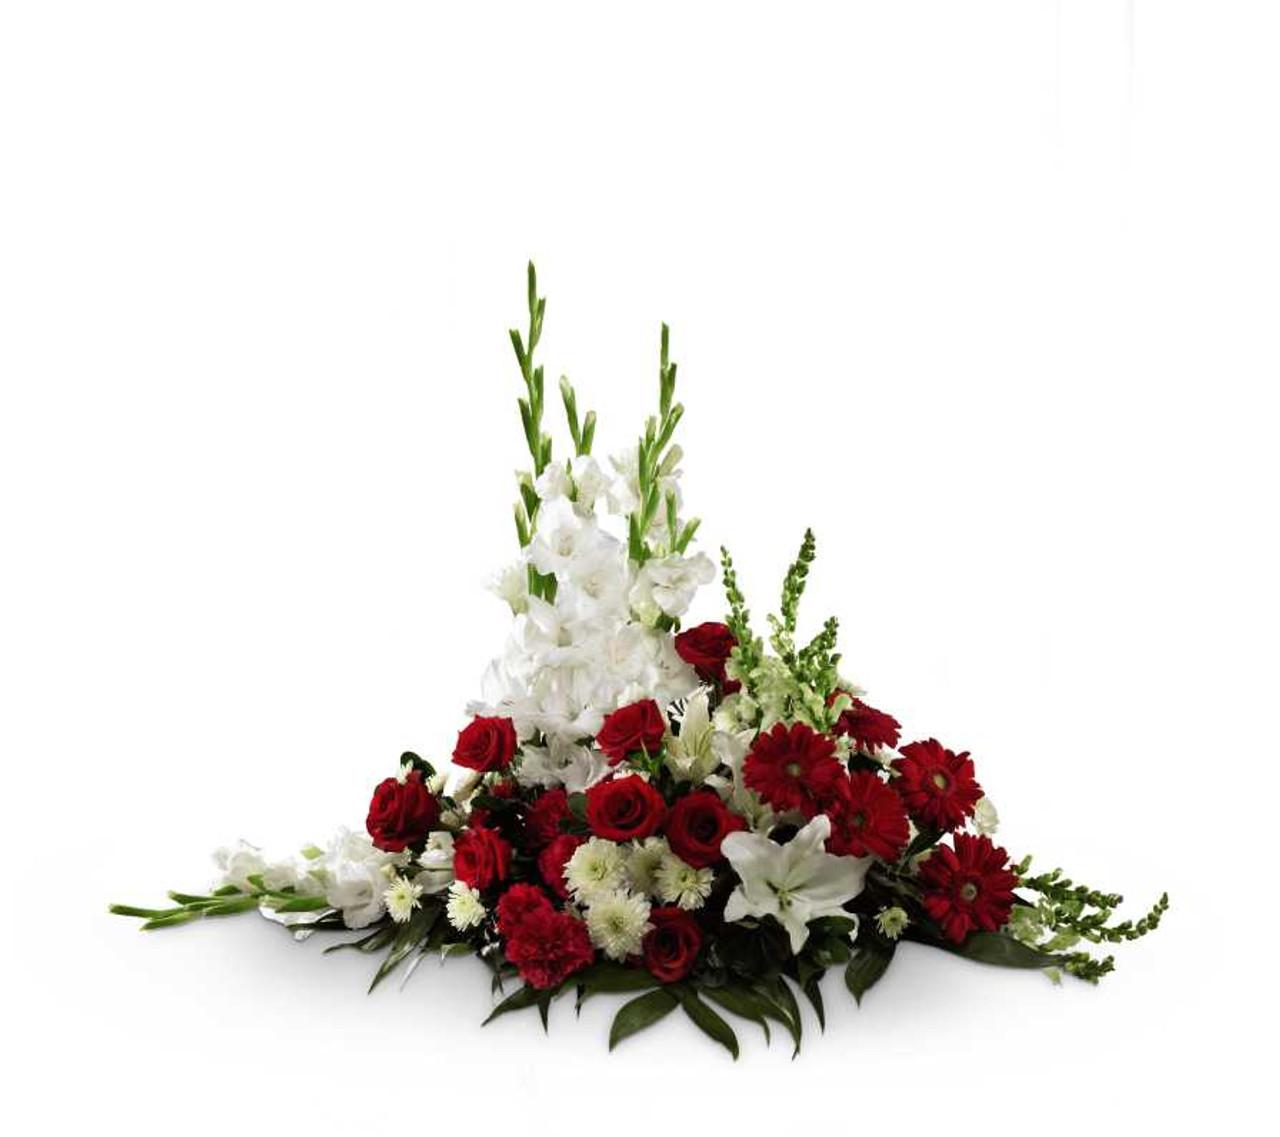 Crimson white arrangement rose blossom crimson white rose and flower arrangement mightylinksfo